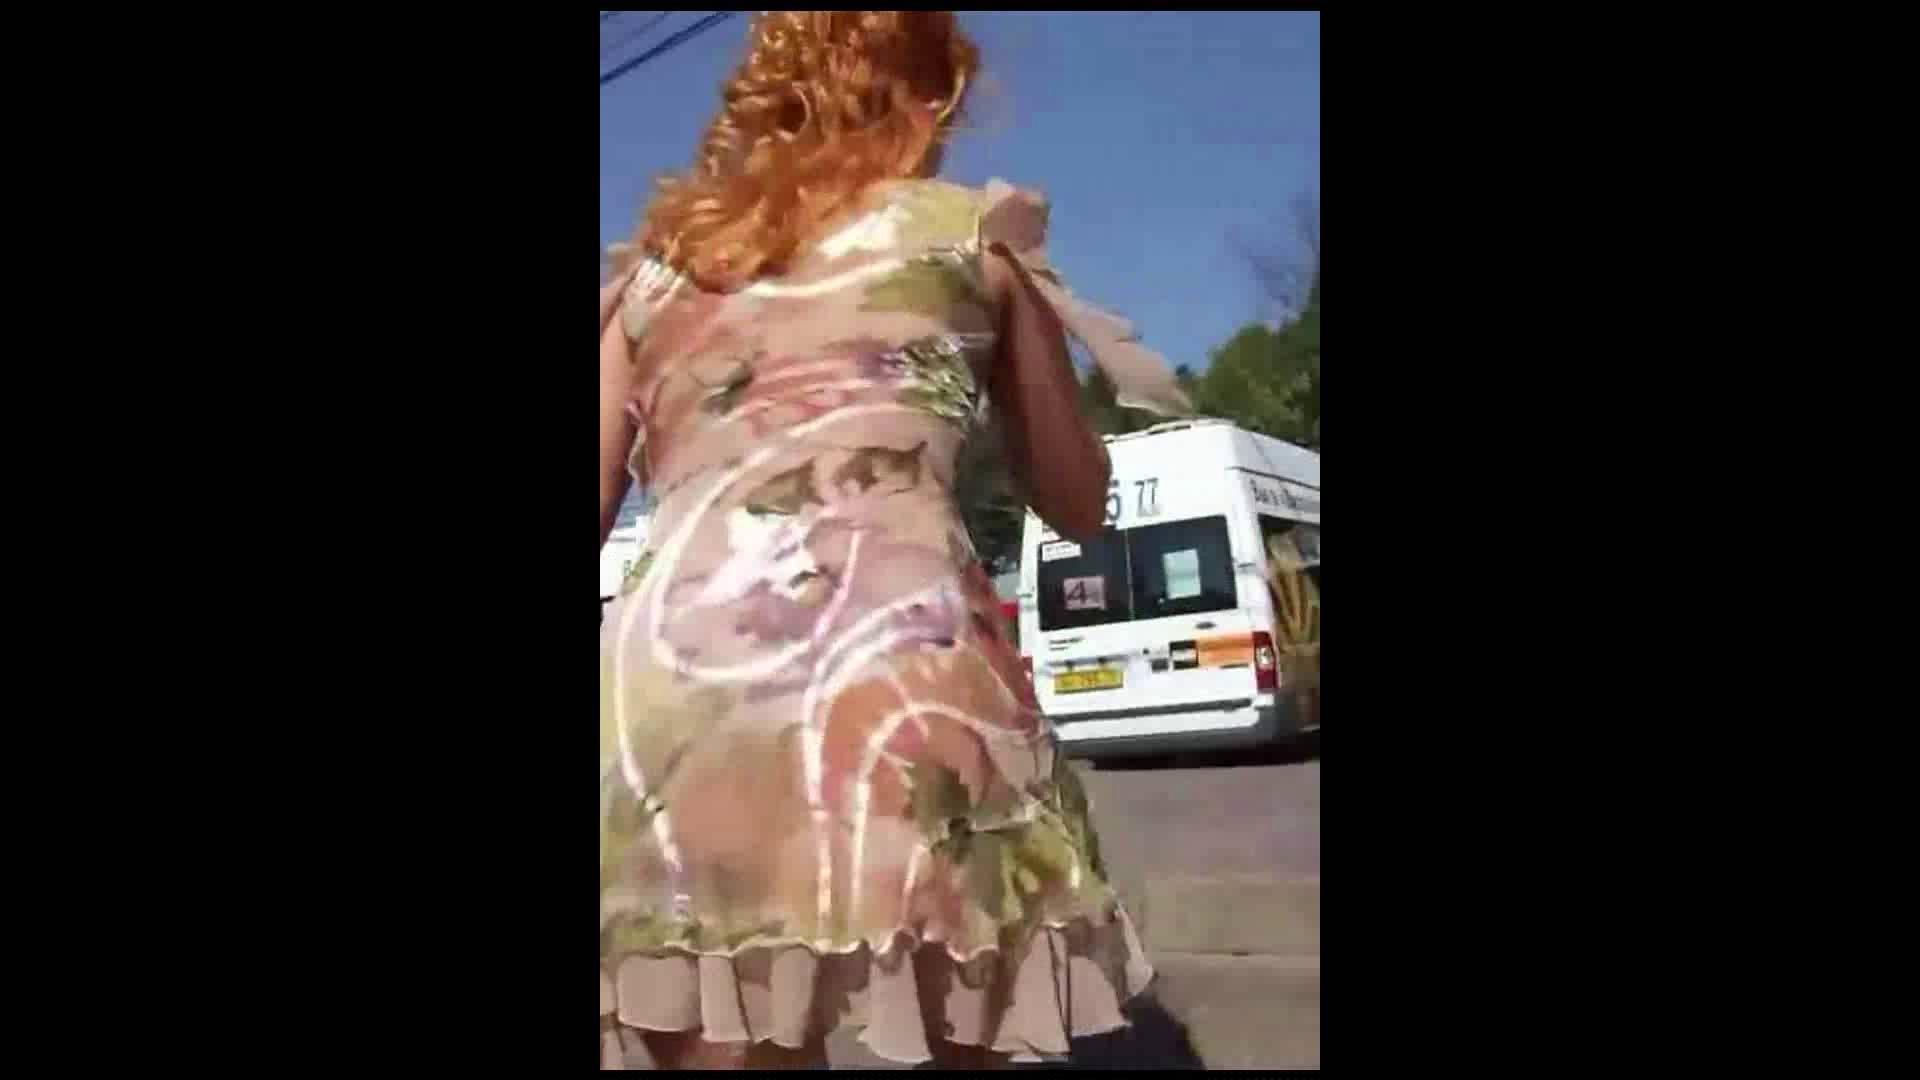 綺麗なモデルさんのスカート捲っちゃおう‼vol03 お姉さんのエロ生活 | モデルのエロ生活  98連発 61